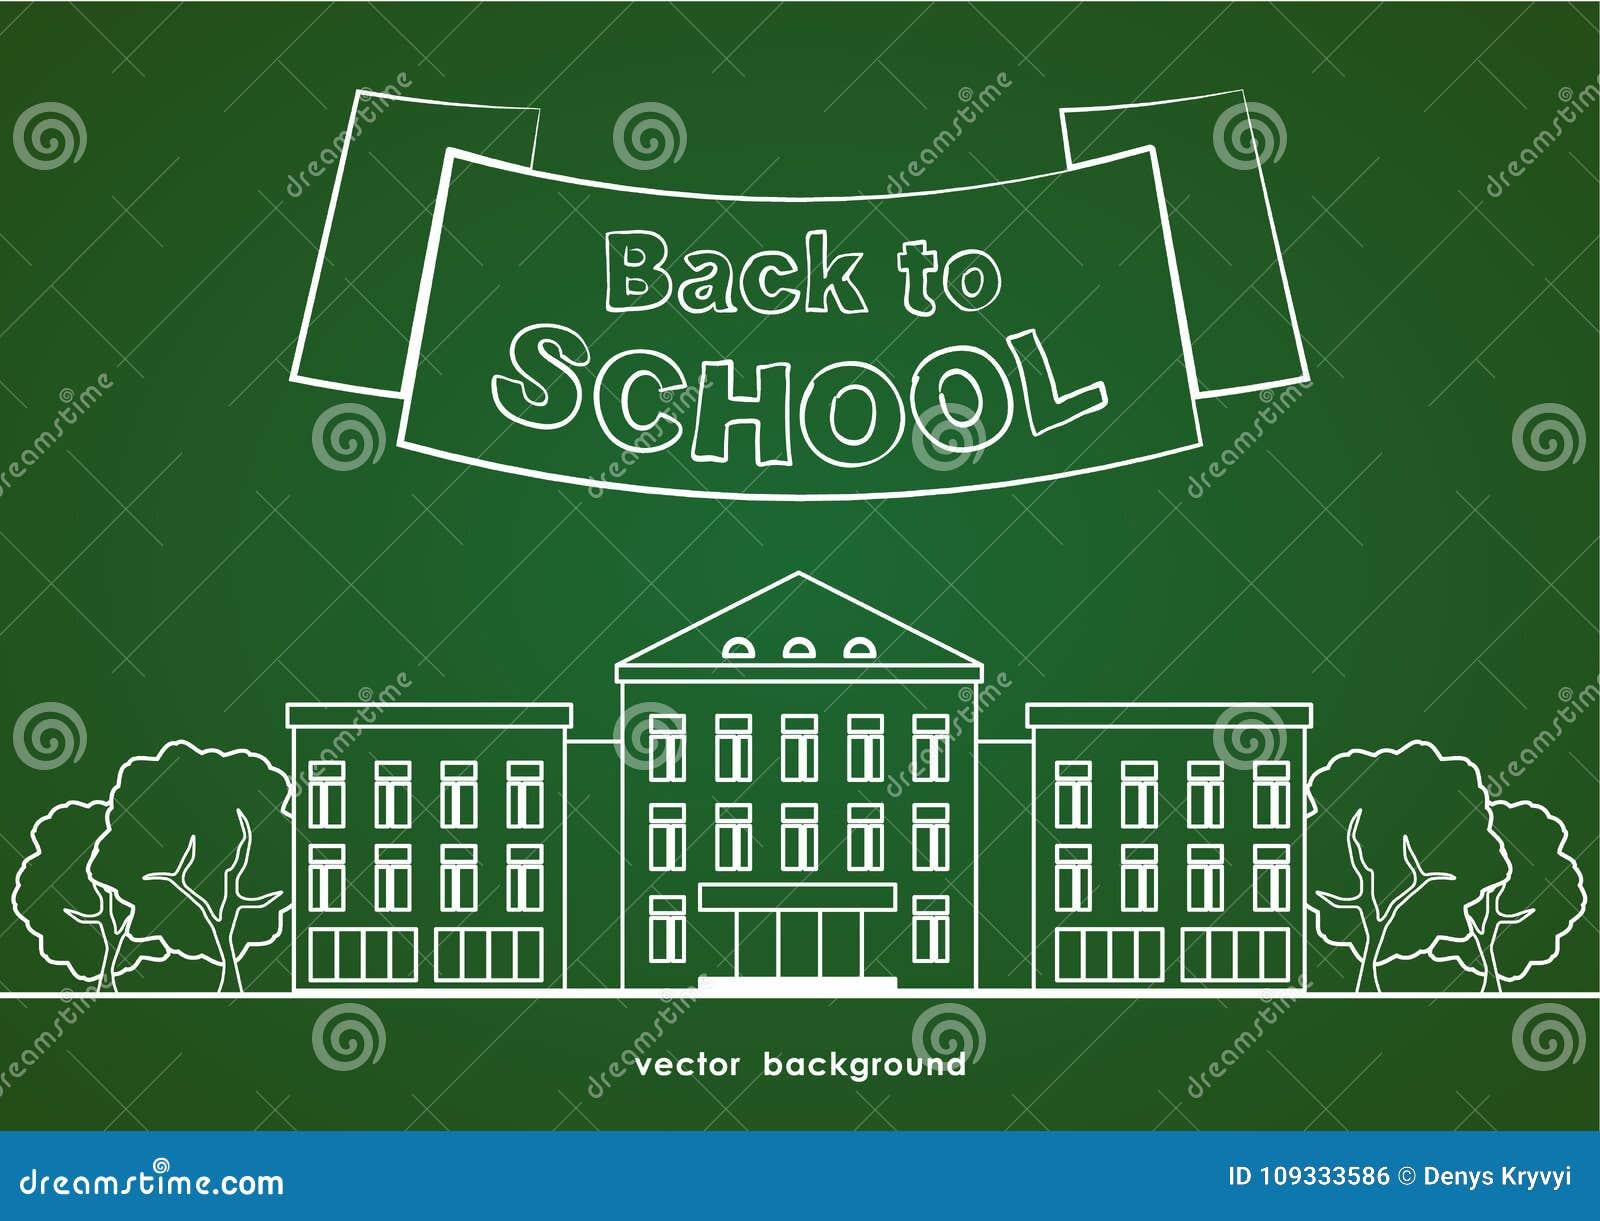 Επίπεδο άσπρο σχολικό κτίριο γραμμών με τα δέντρα, την κορδέλλα και την εγγραφή πίσω στο σχολείο στο πράσινο υπόβαθρο πινάκων